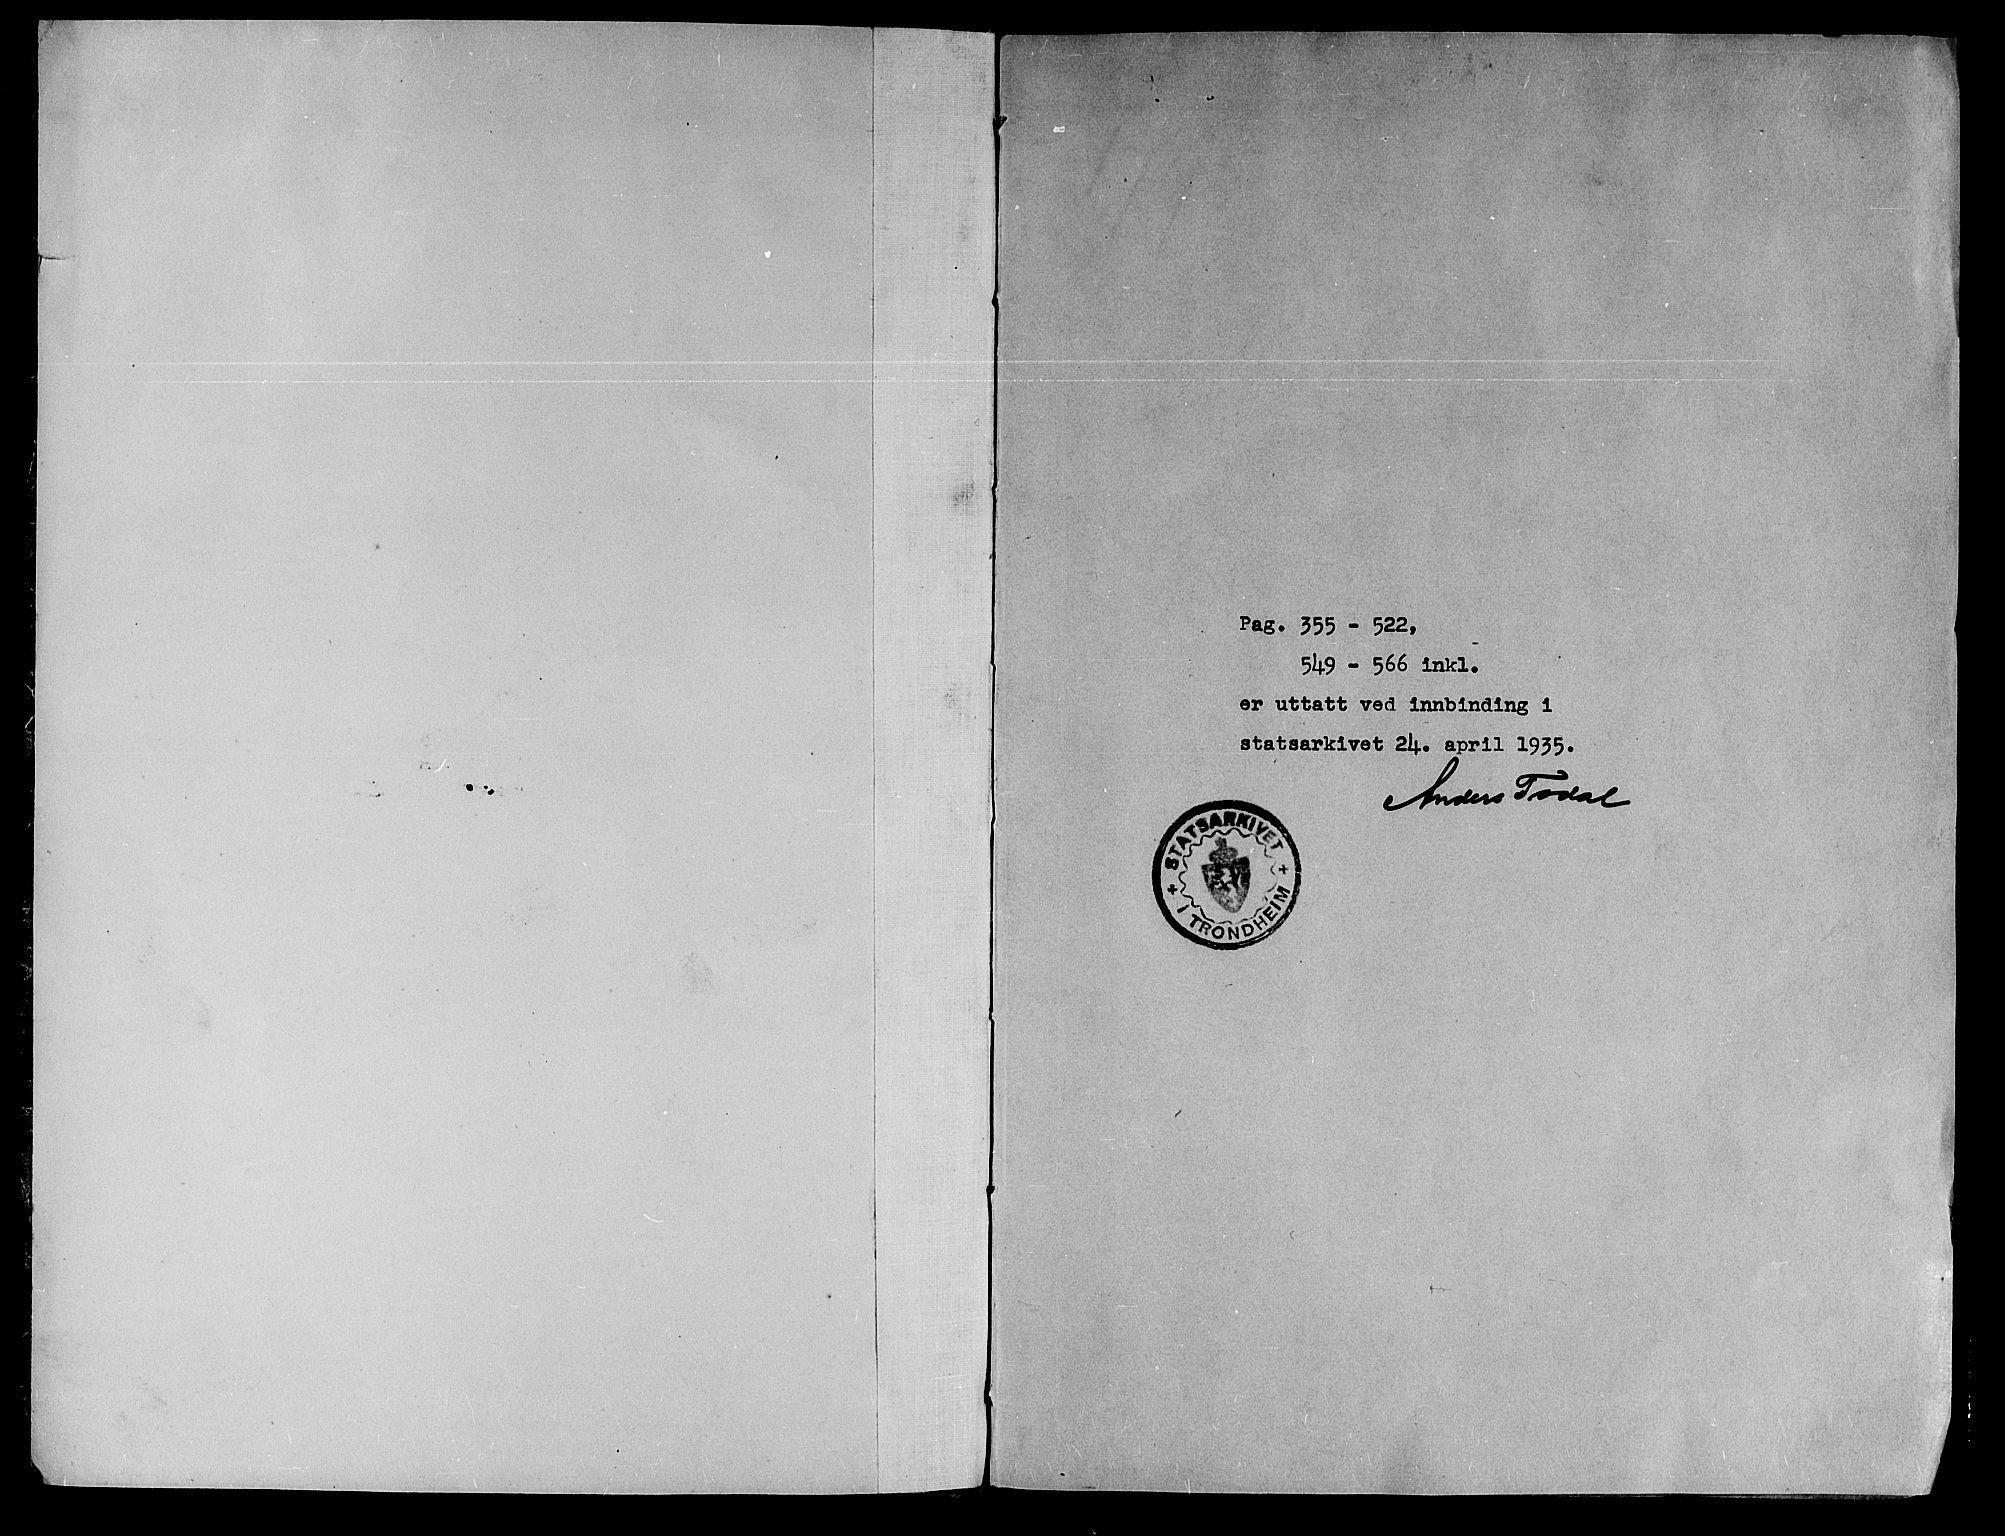 SAT, Ministerialprotokoller, klokkerbøker og fødselsregistre - Nord-Trøndelag, 735/L0332: Parish register (official) no. 735A03, 1795-1816